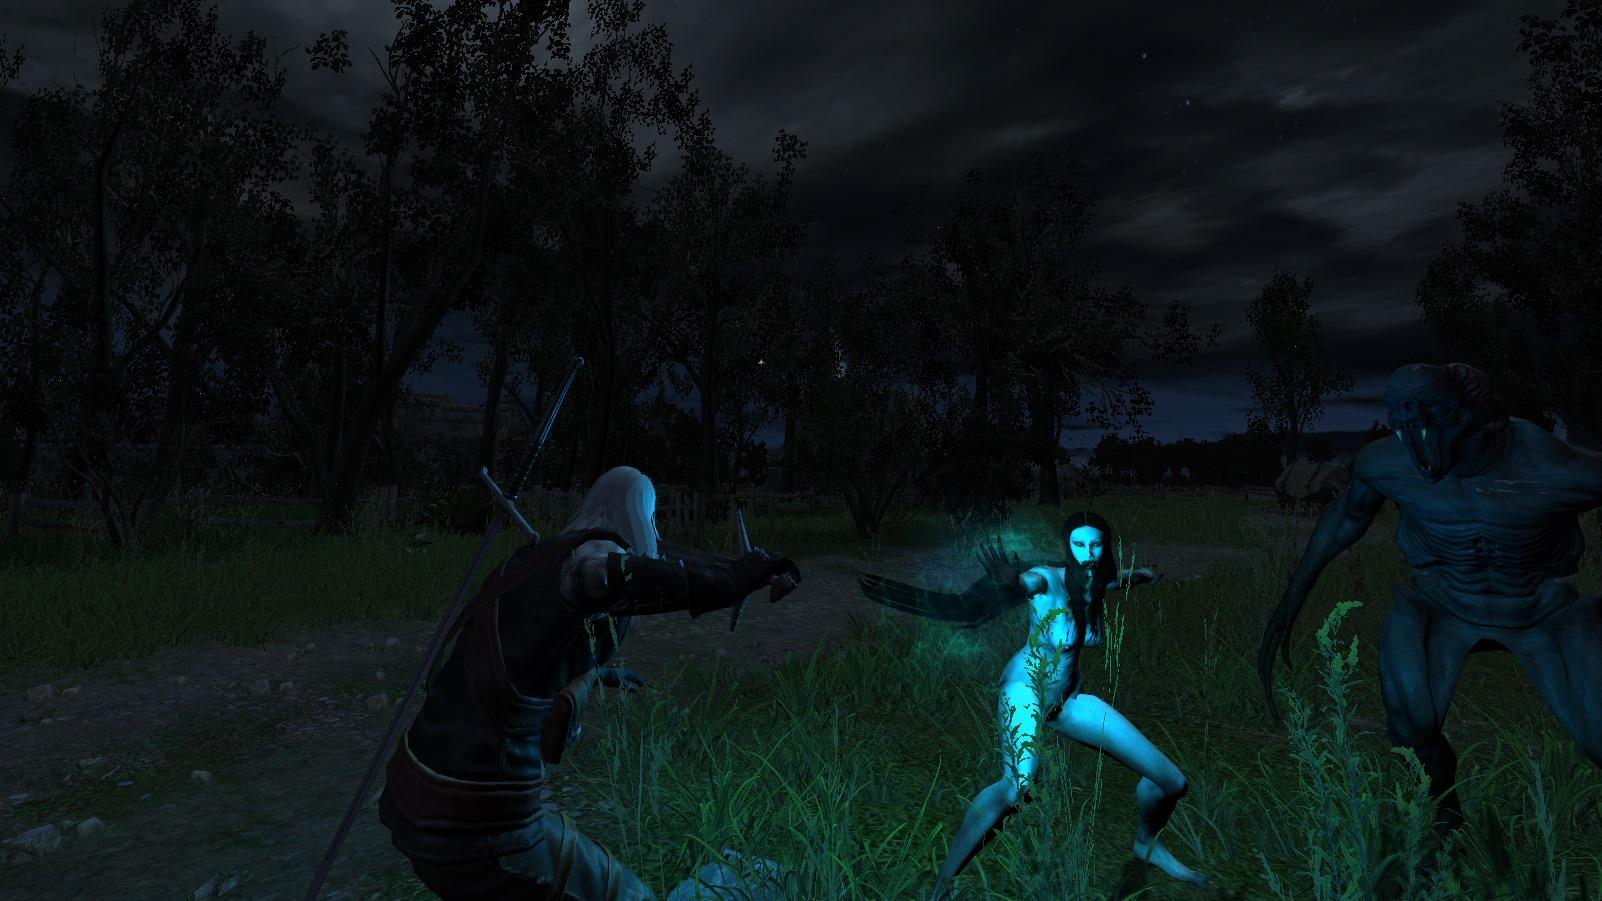 Для The Witcher доступен сюжетный мод с набором детективных миссий